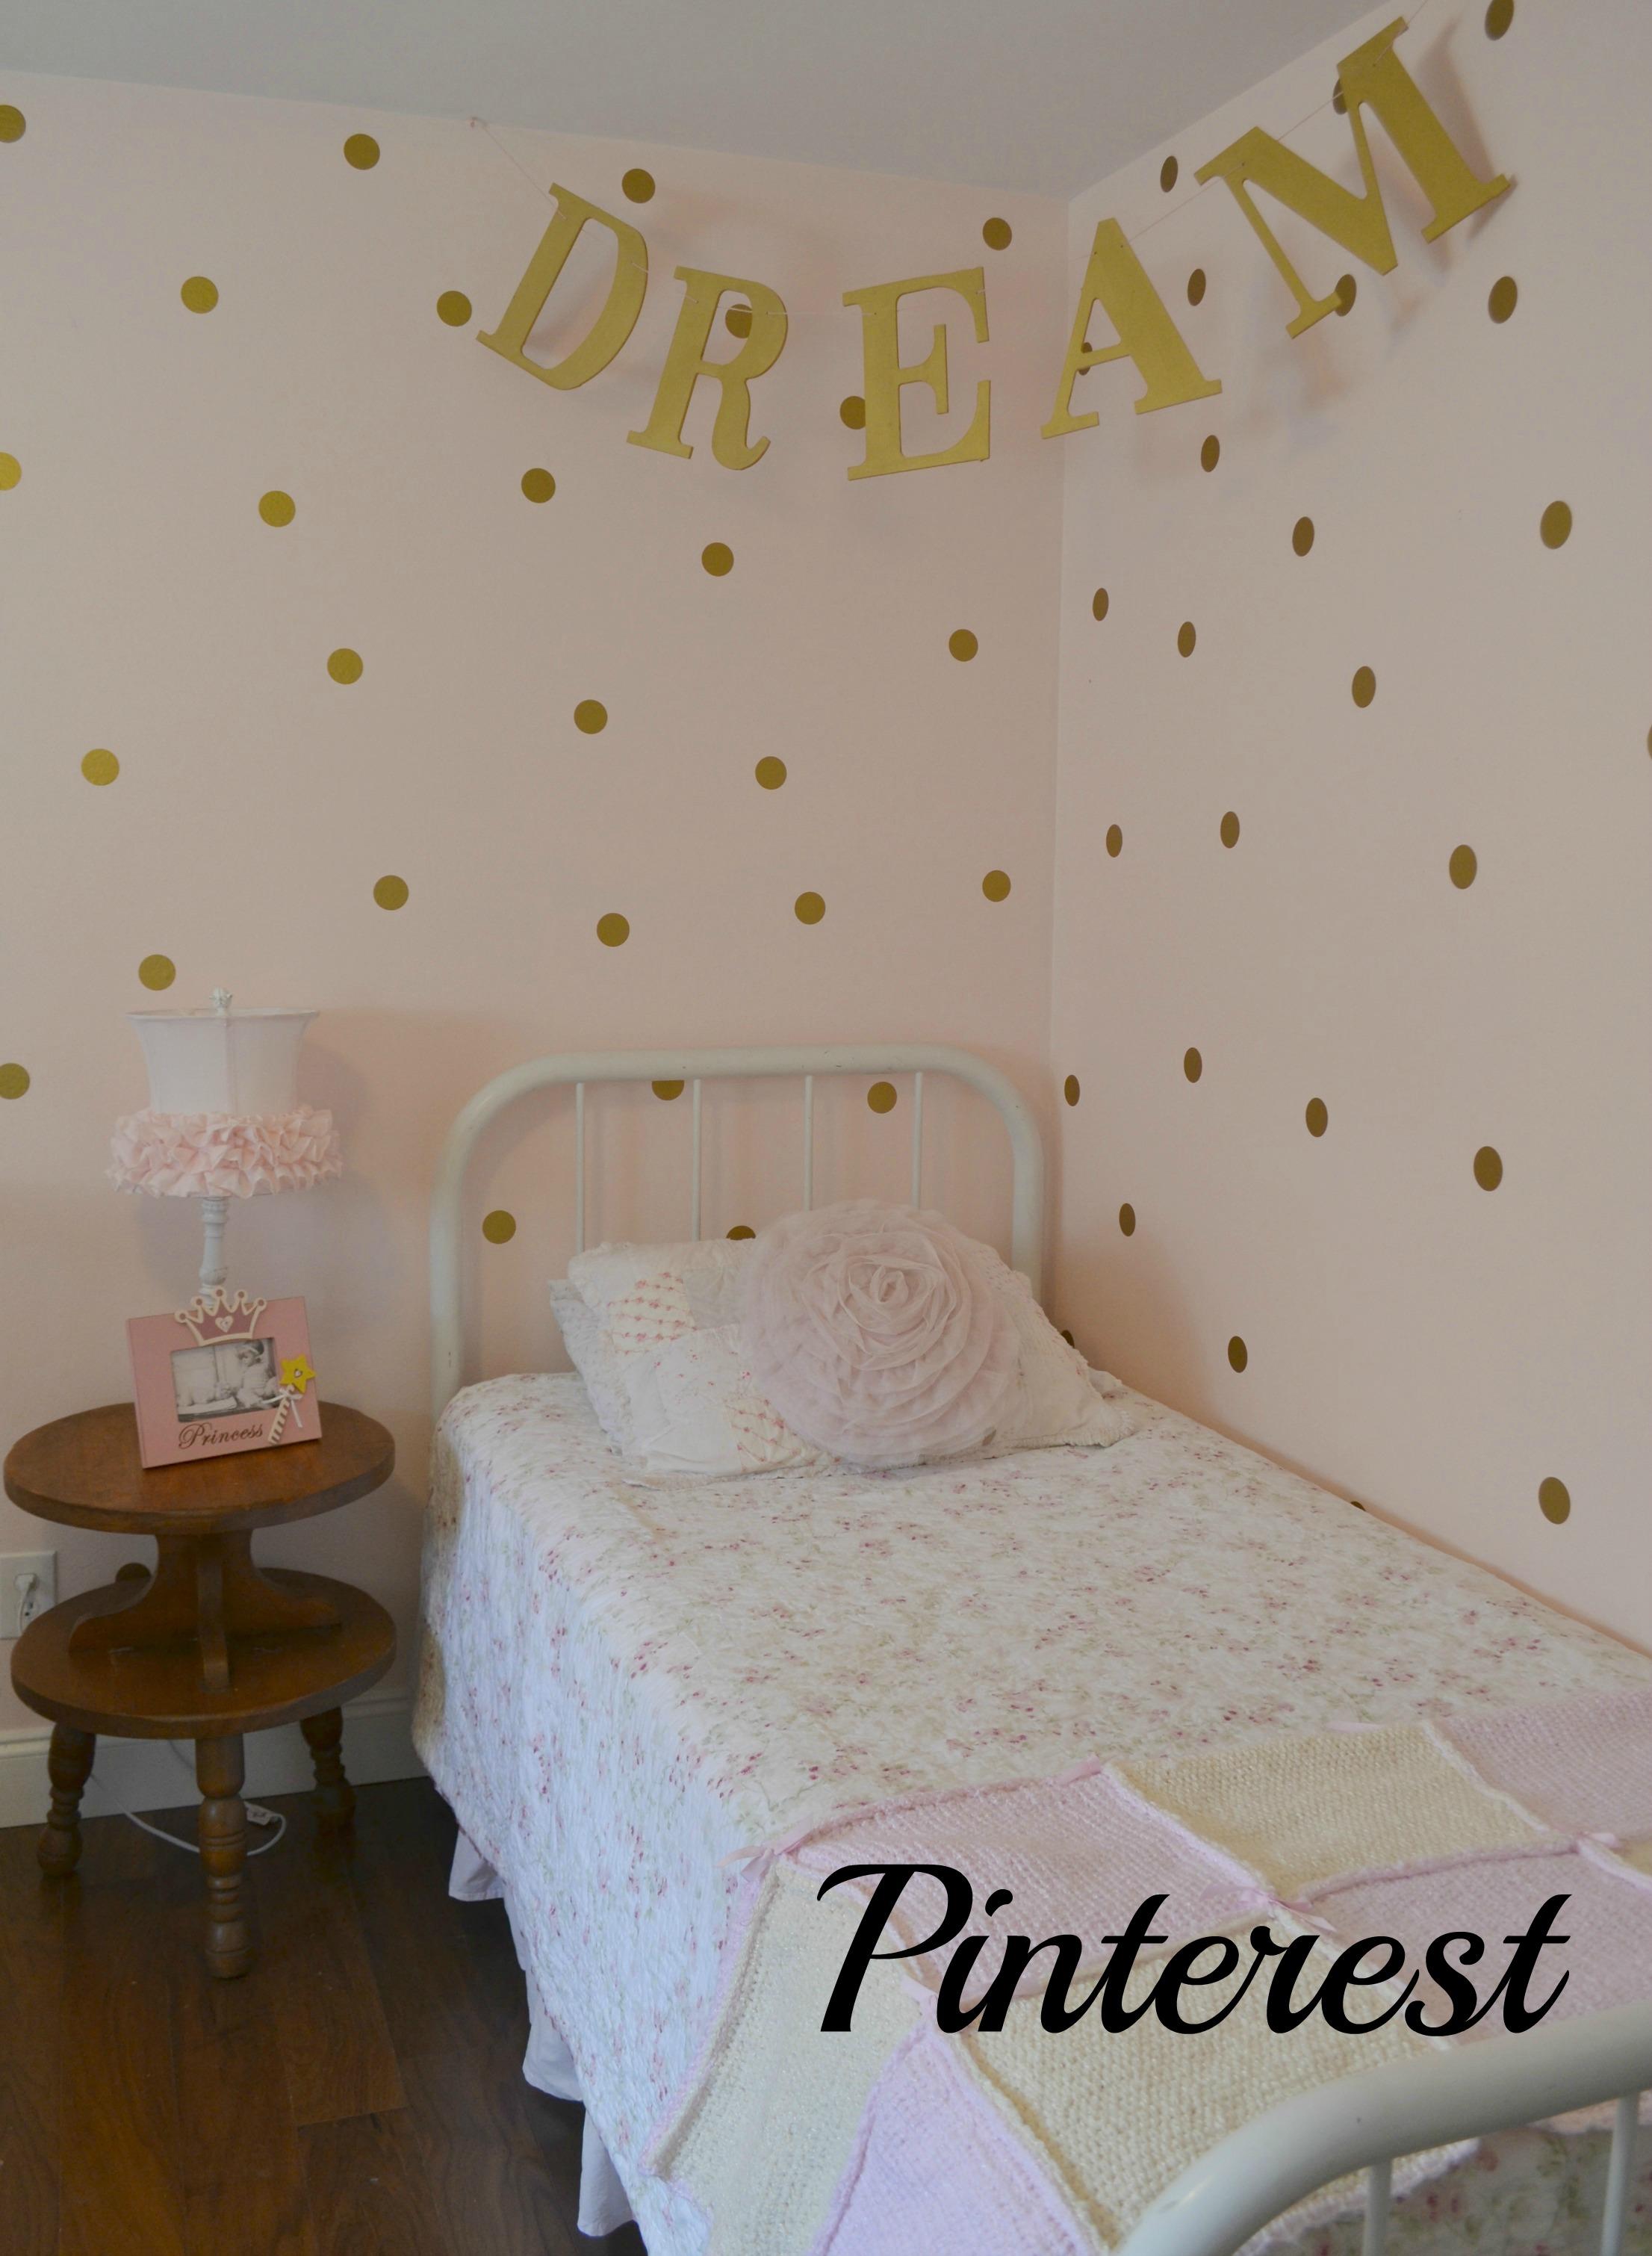 Pinterest Girls Room